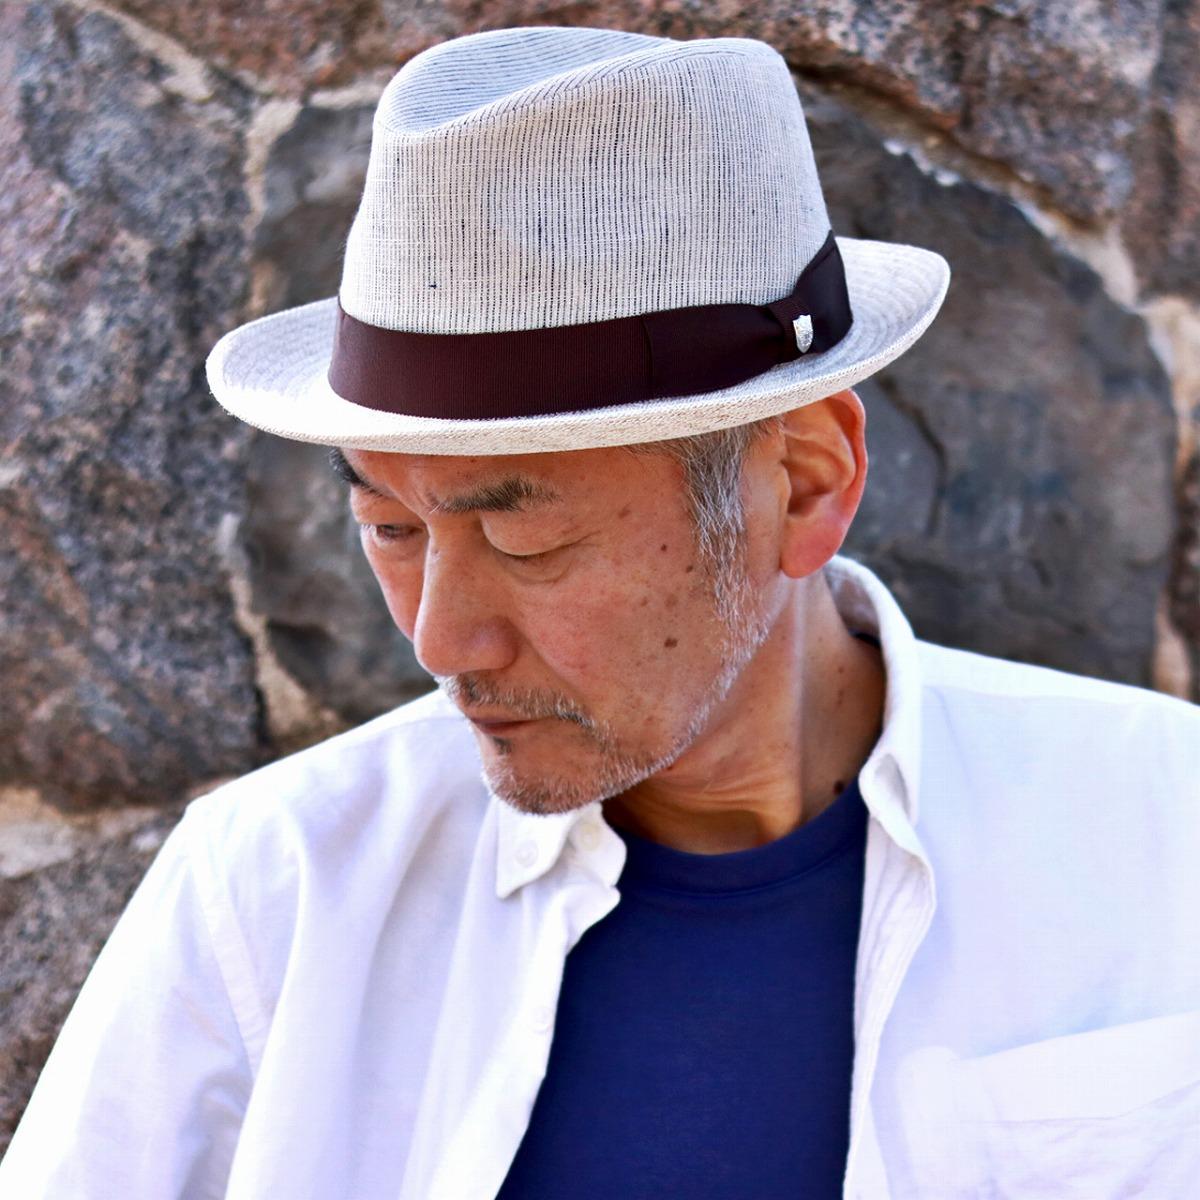 DAKS ハット メンズ ダックス 中折れハット リボンボイルワッシャー 春 夏 麻100% ストライプ 帽子 紳士 HAT 日本製 サイズ調整可能 57cm 59cm 61cm ベージュ[ fedora hat ]男性 誕生日 帽子 父の日 ギフト プレゼント